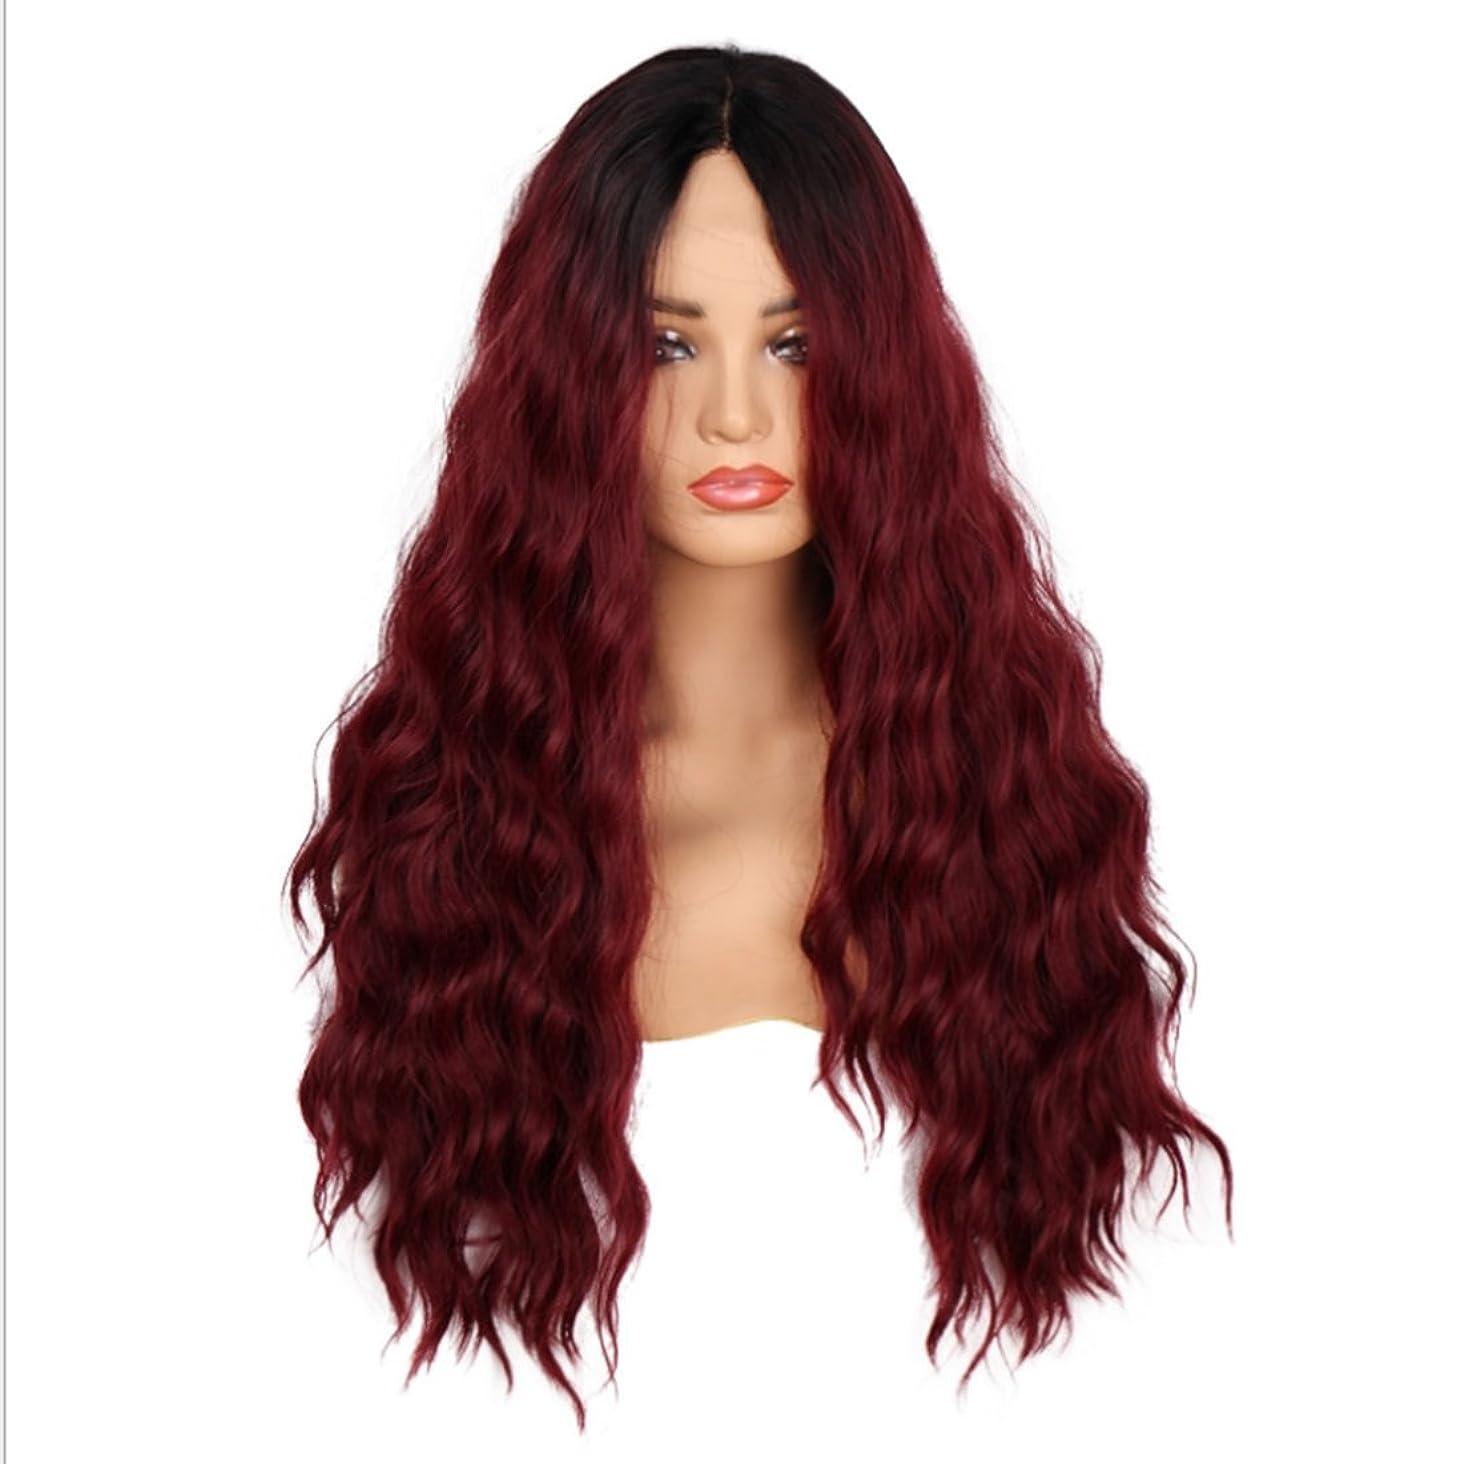 アヒル最後にピッチYESONEEP 女性のための24インチロングカーリーウィッグフルハンド織レースフロントワインレッドヘアー高温シルク人工毛ミッドポイント付き前髪かつら髪耐熱複合毛レースのかつらロールプレイングかつら (色 : Red wine)